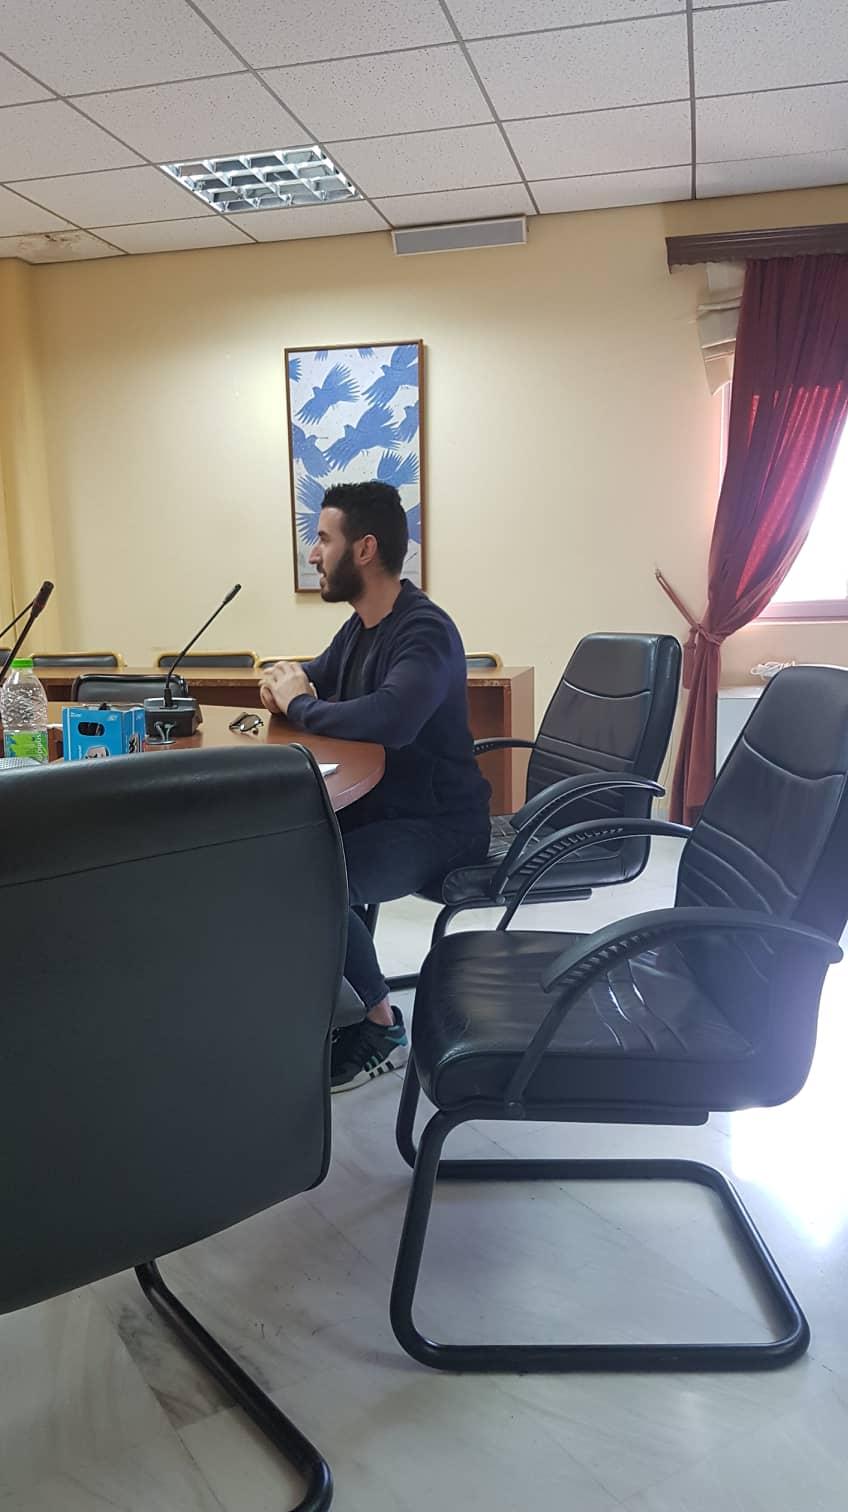 Πραγματοποιήθηκε το εργαστήριο με θέμα  «Επαγγελματικός Προσανατολισμός και Συμβουλευτική» από το Κέντρο κοινότητας του Δήμου Διρφύων Μεσσαπίων (φωτογραφίες) 77024040 2467317623533990 5706602512233005056 n